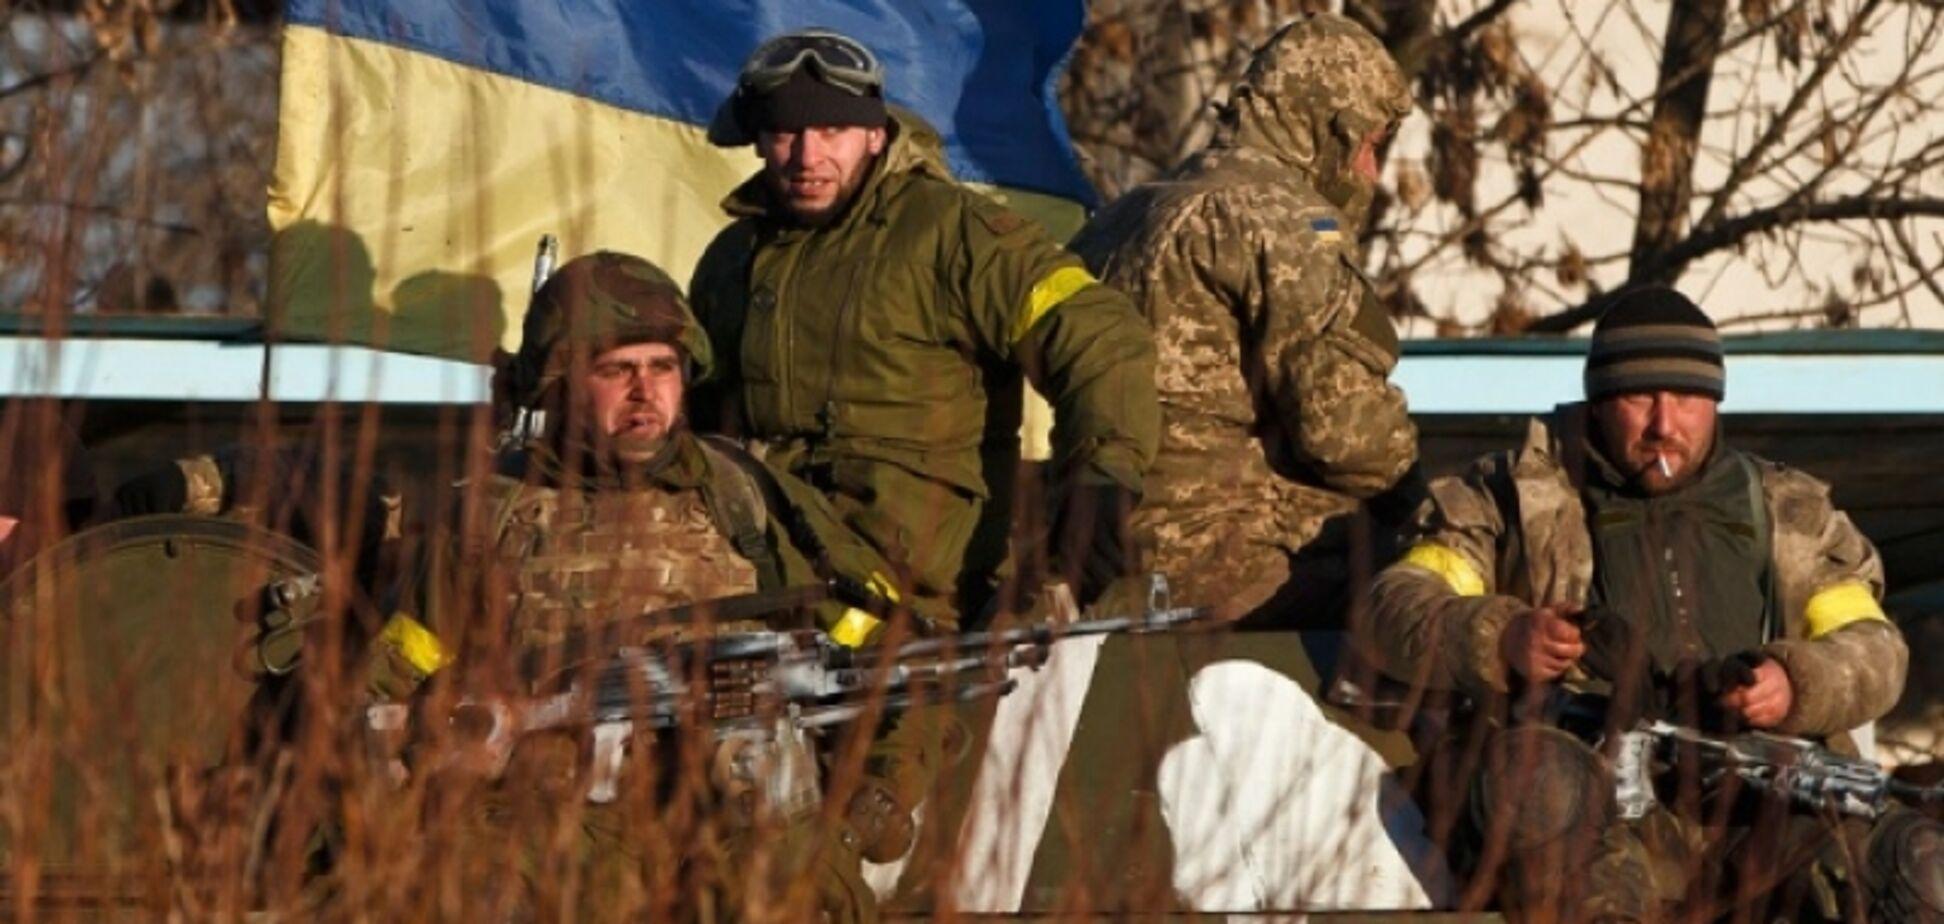 На Донбасі пропав морпіх ЗСУ: в штабі ООС зробили суперечлива заява